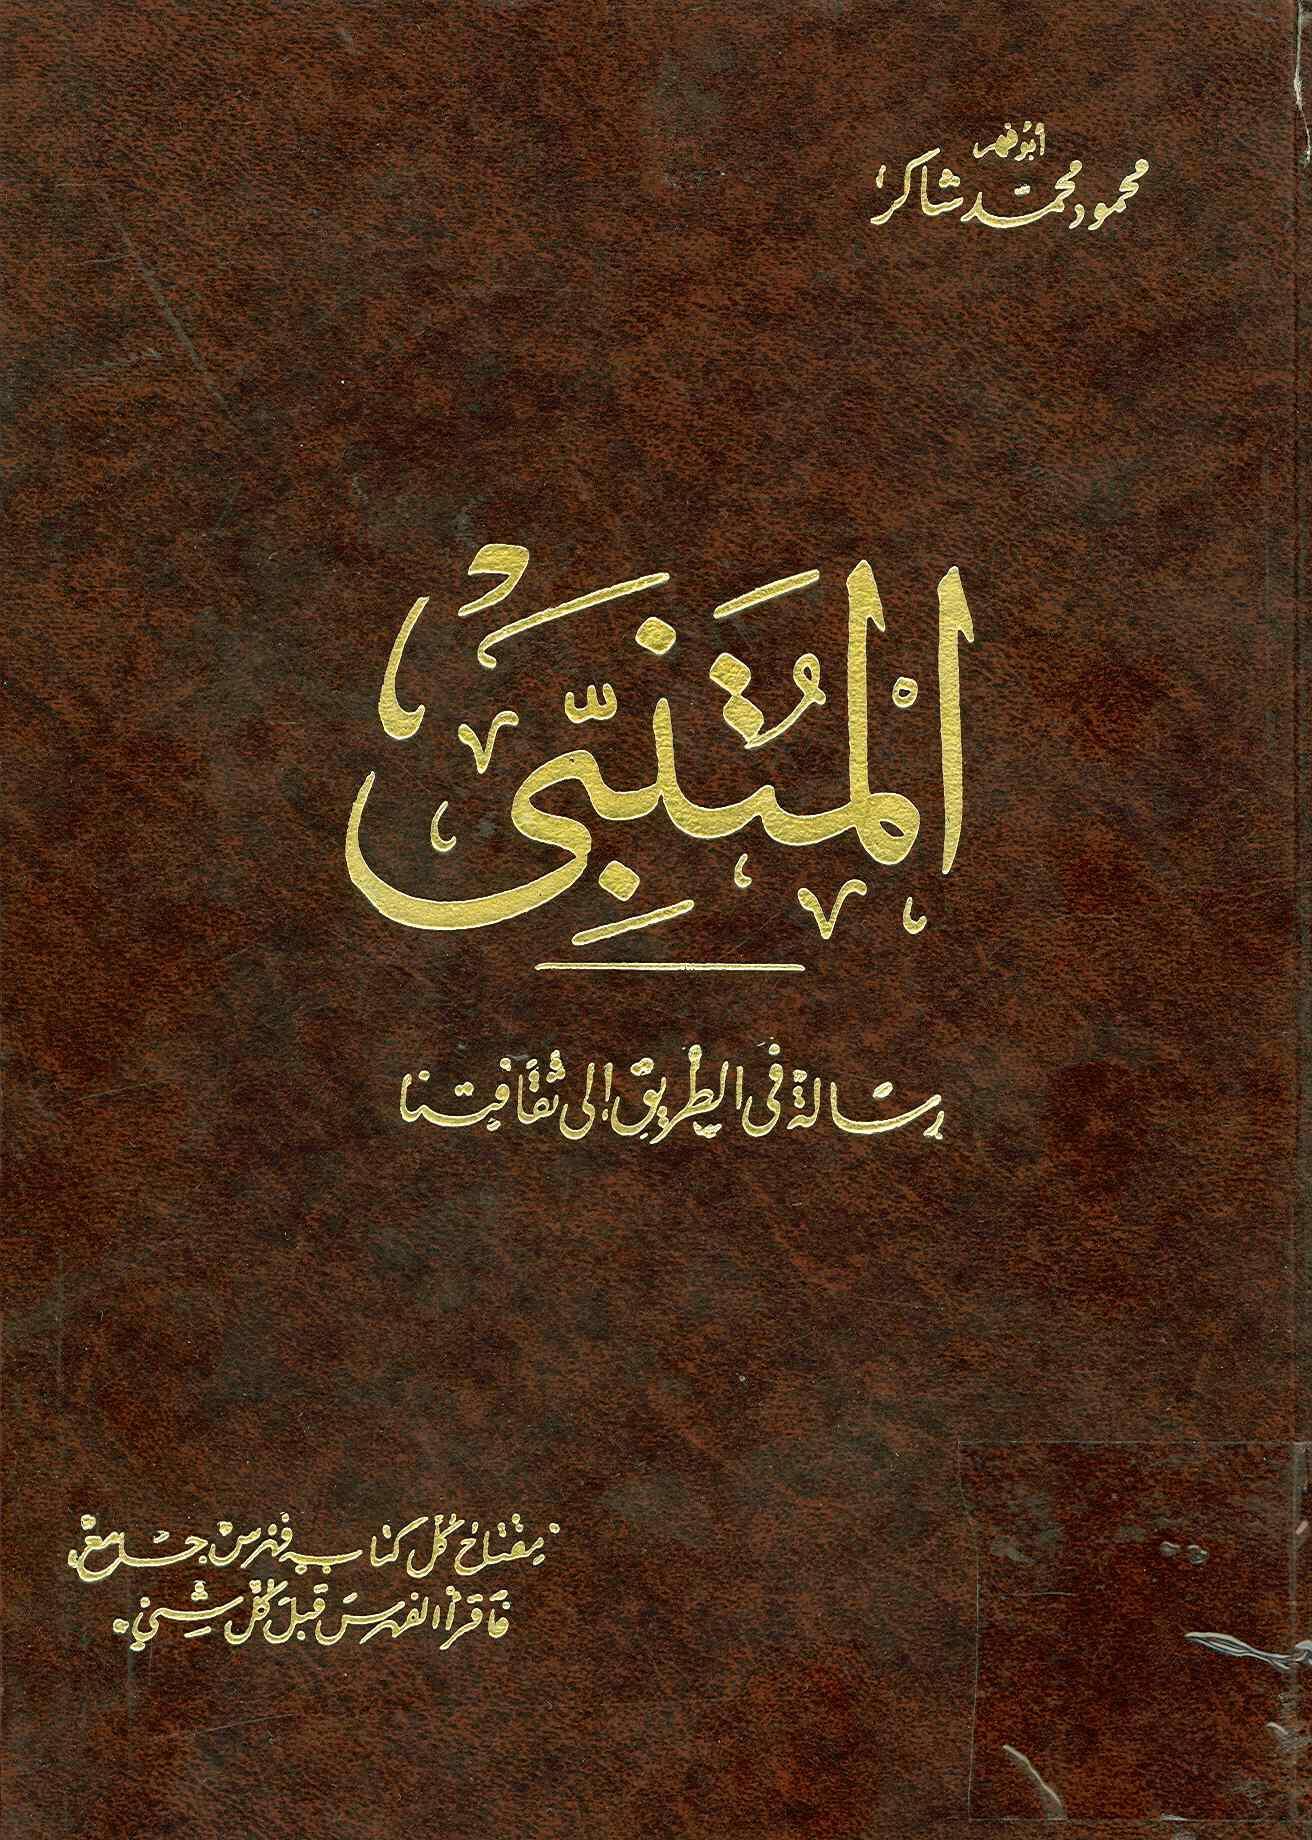 كتاب المتنبي صوتى mp3 ل محمود شاكر - تحميل كتب مسموعة | كتب صوتية مكتبة تحميل كتب pdf